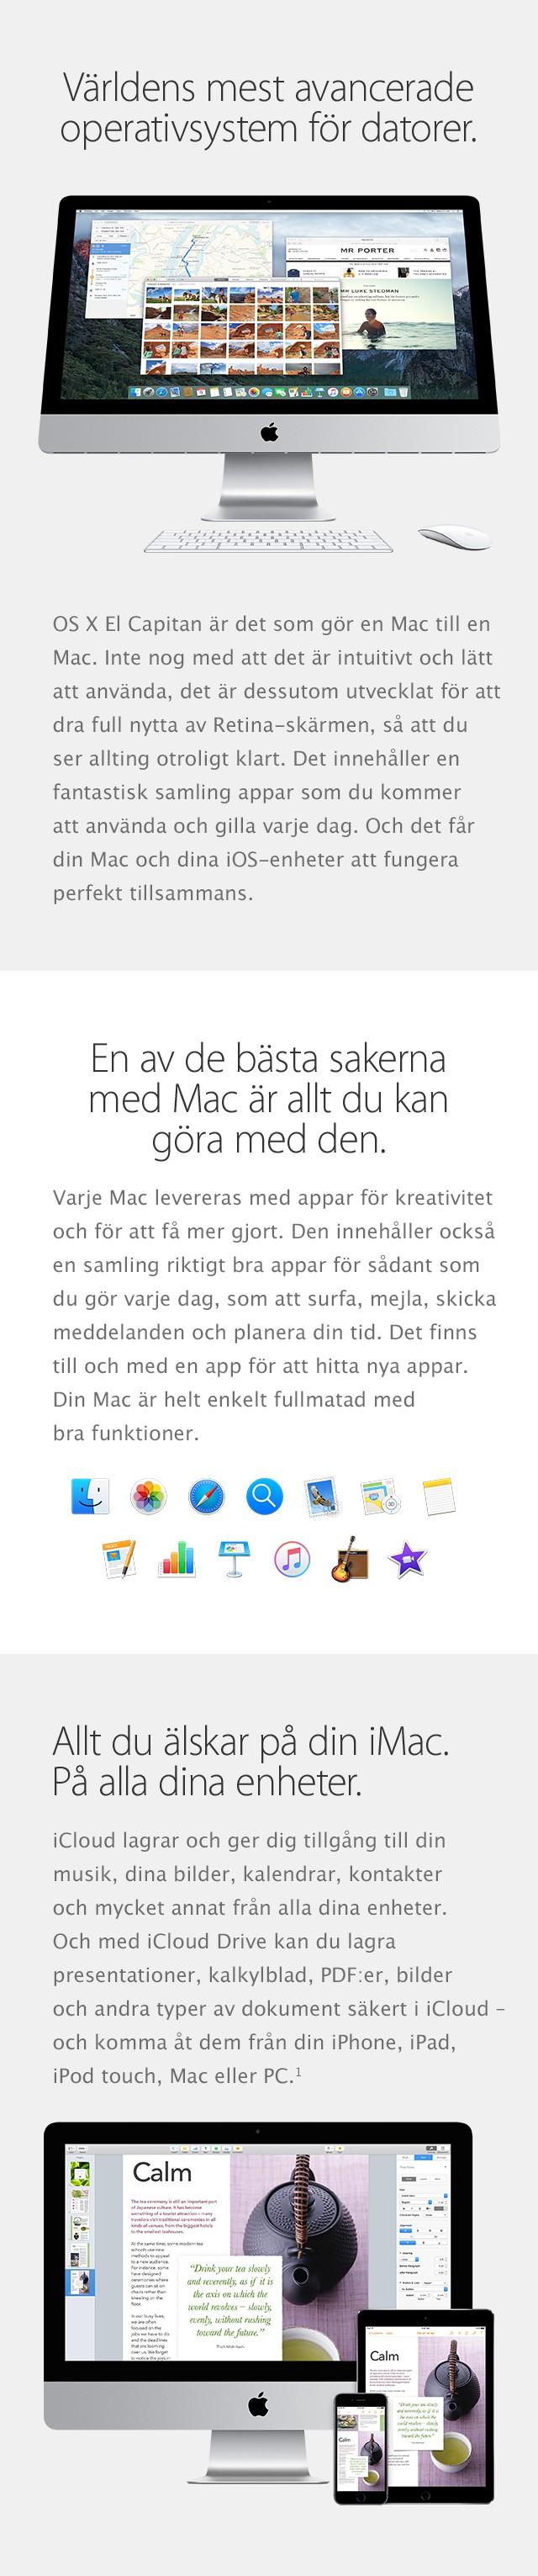 En allsidig iMac med ett otroligt operativsystem